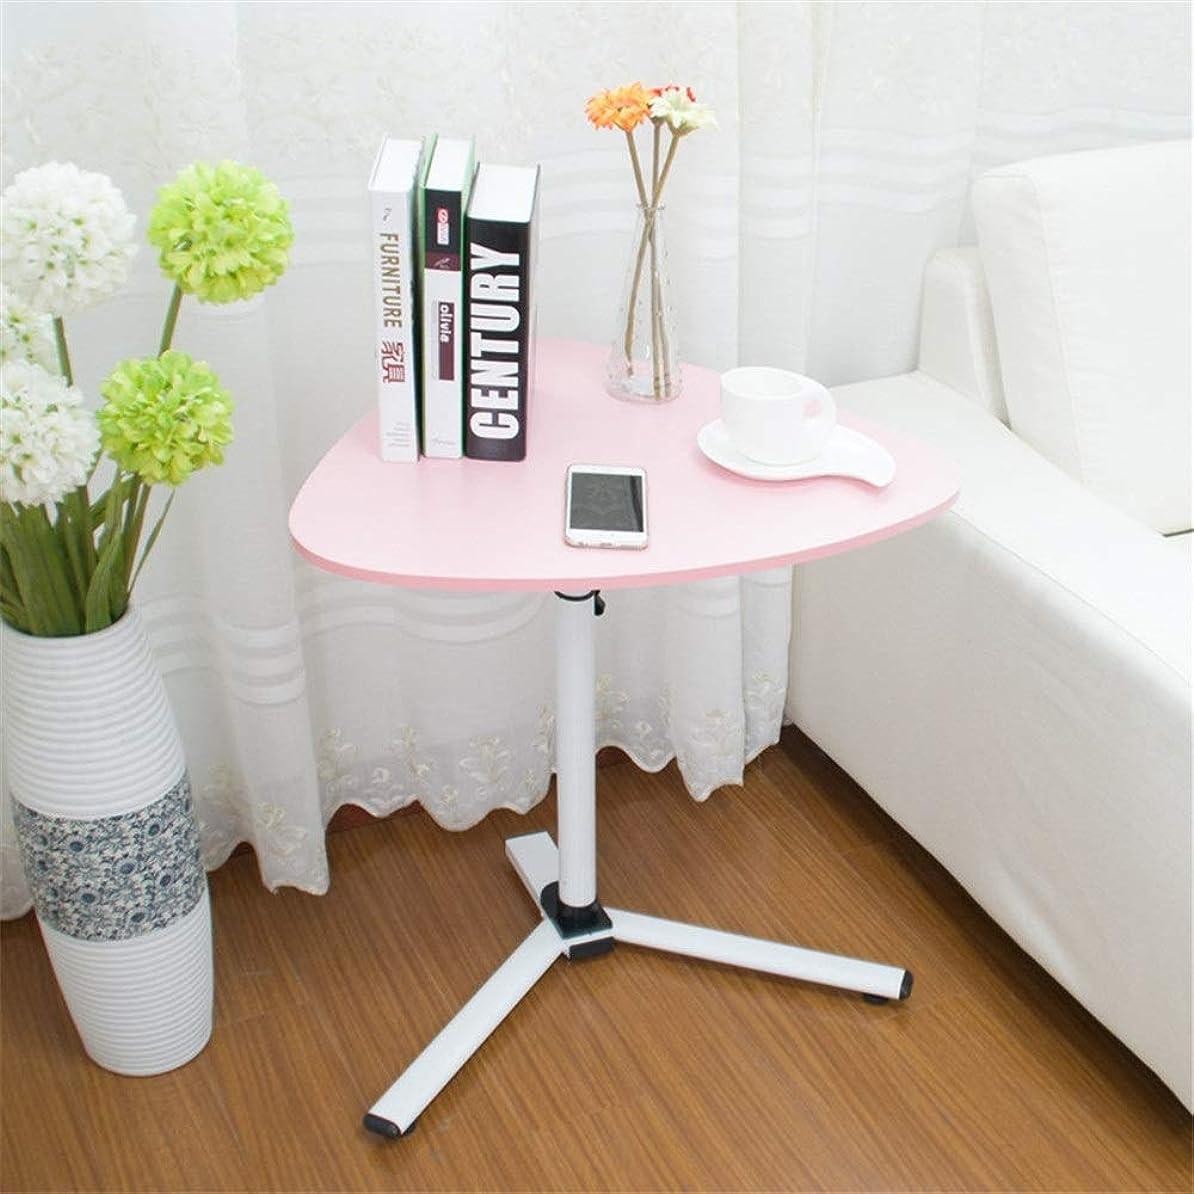 栄養行商あなたが良くなりますサイドテーブル 多目的モバイルオーバーベッドチェアテーブルソファサイドノートパソコンラップトップデスクスタンド高さ調節可能 リビングルーム/ベッドルーム (色 : ピンク, サイズ : 59*48*62cm)